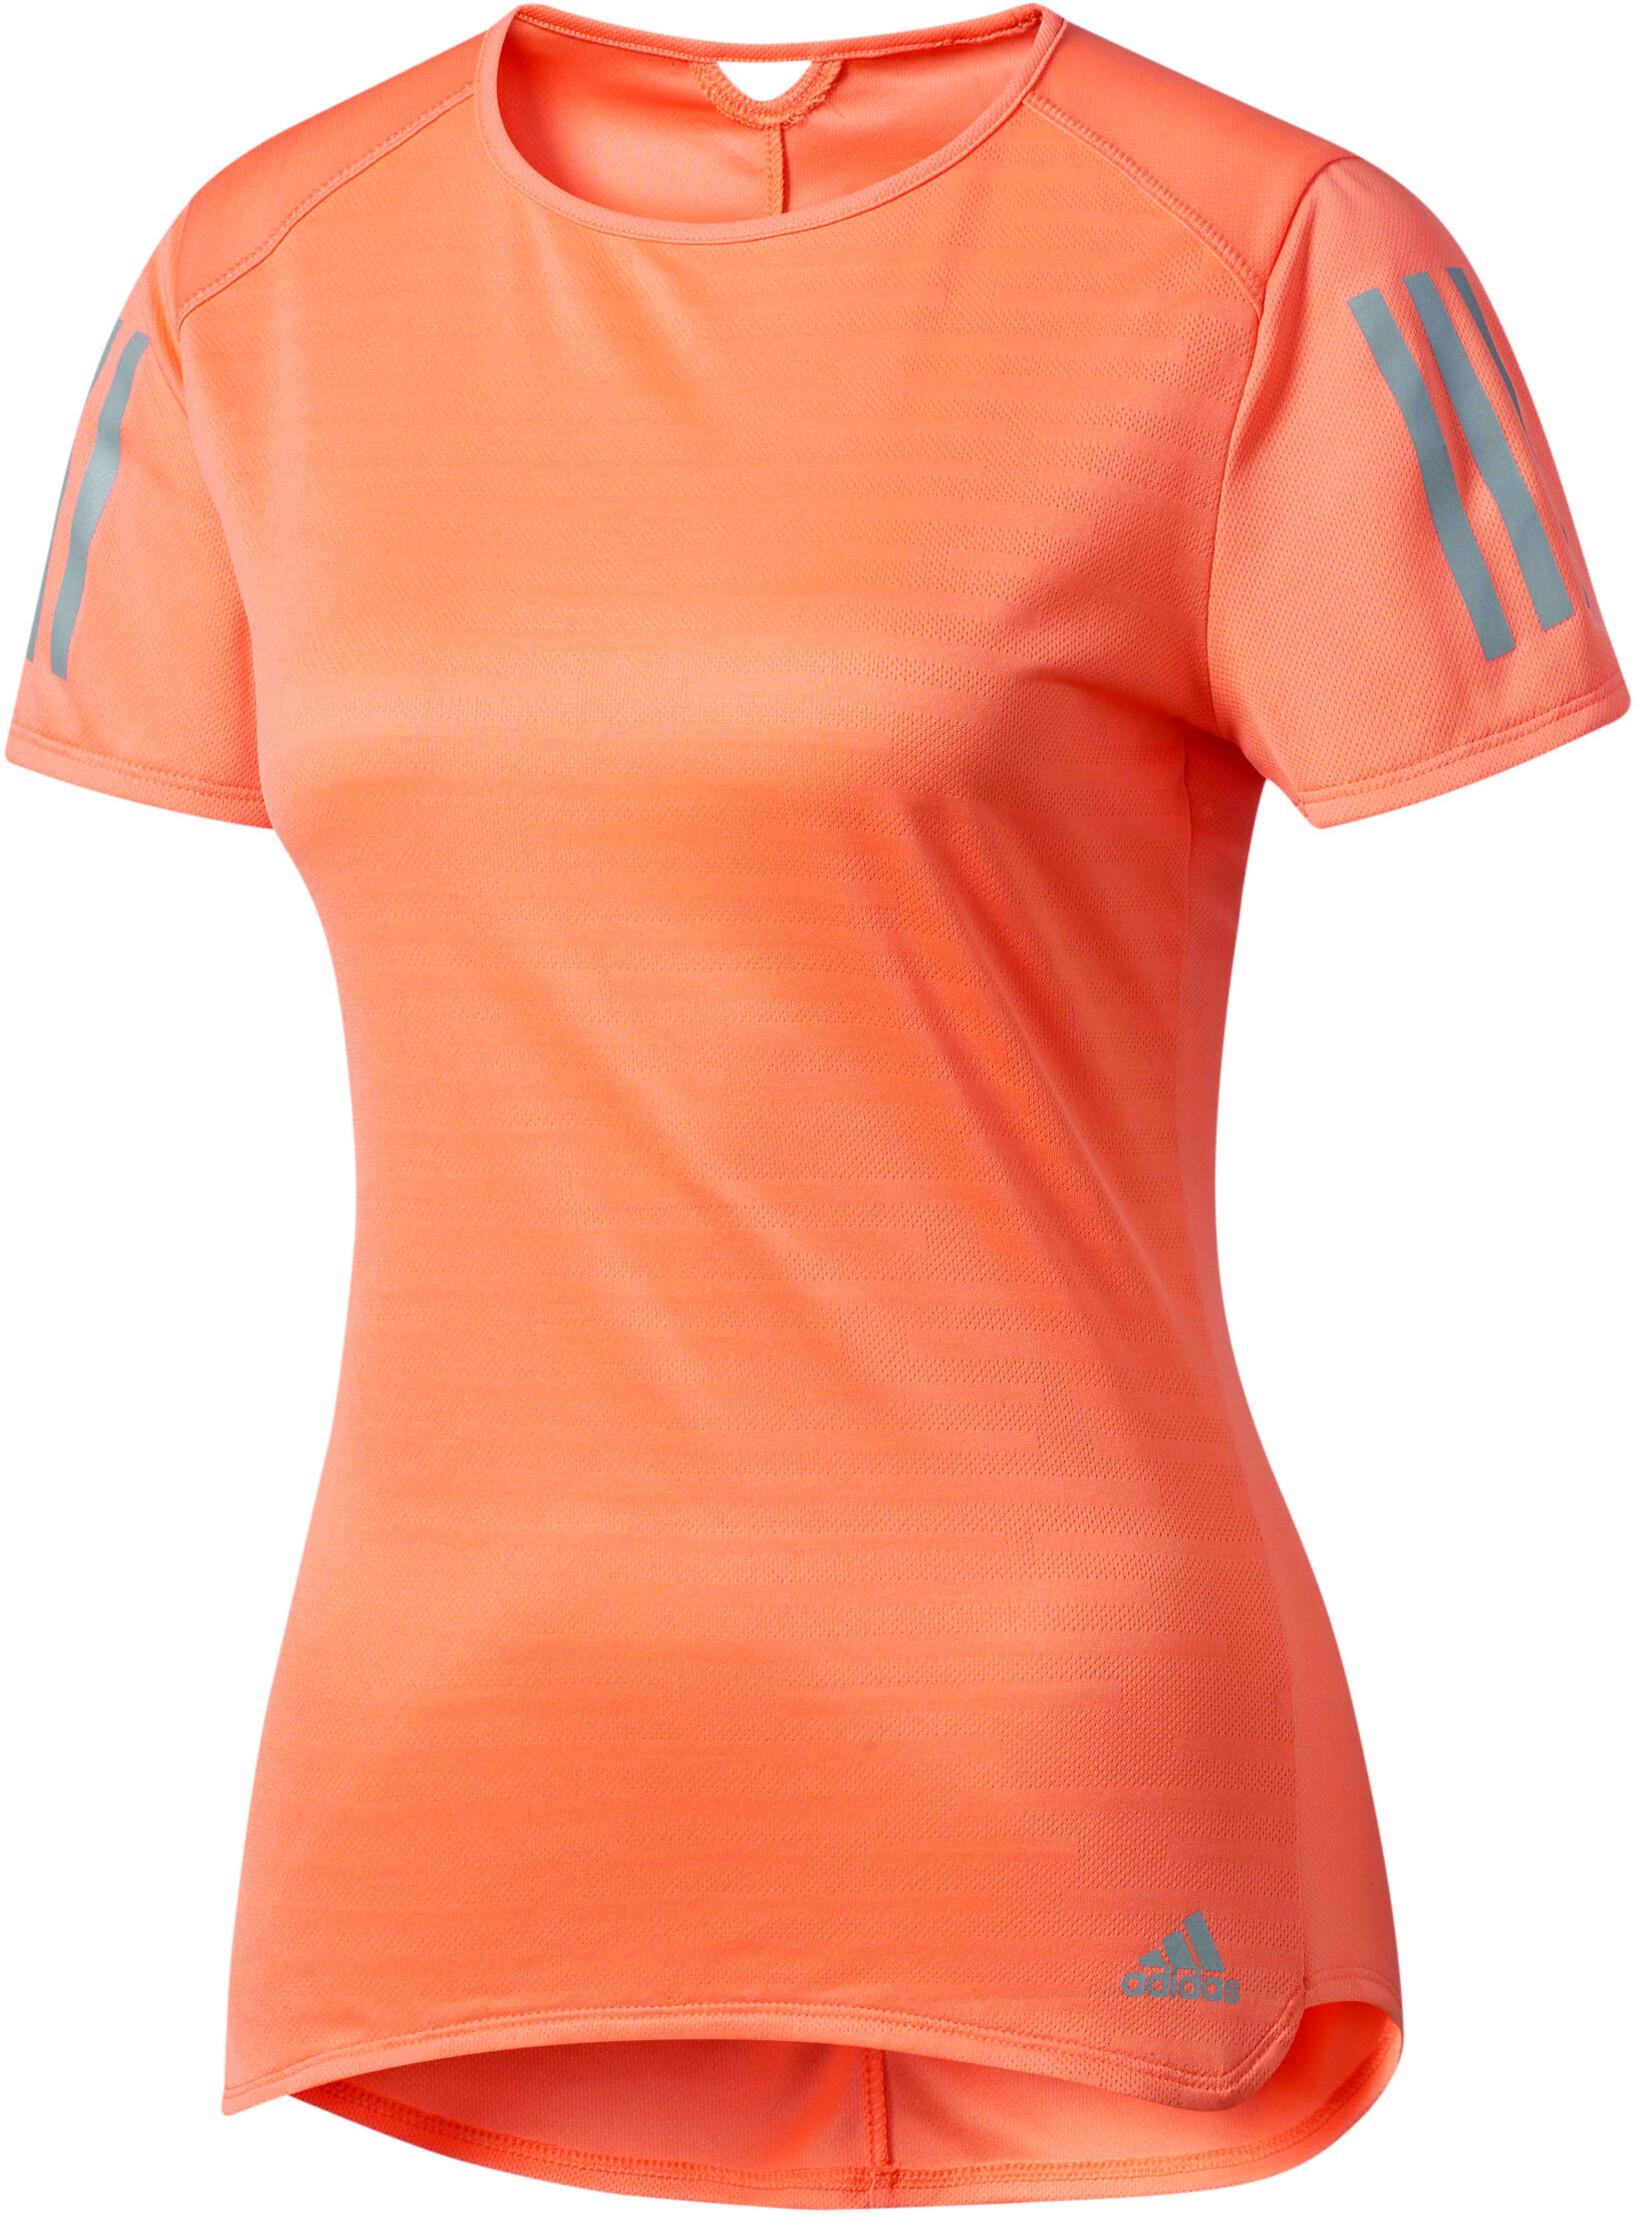 0e919bc206fa8 adidas Response - Camiseta Running Mujer - naranja